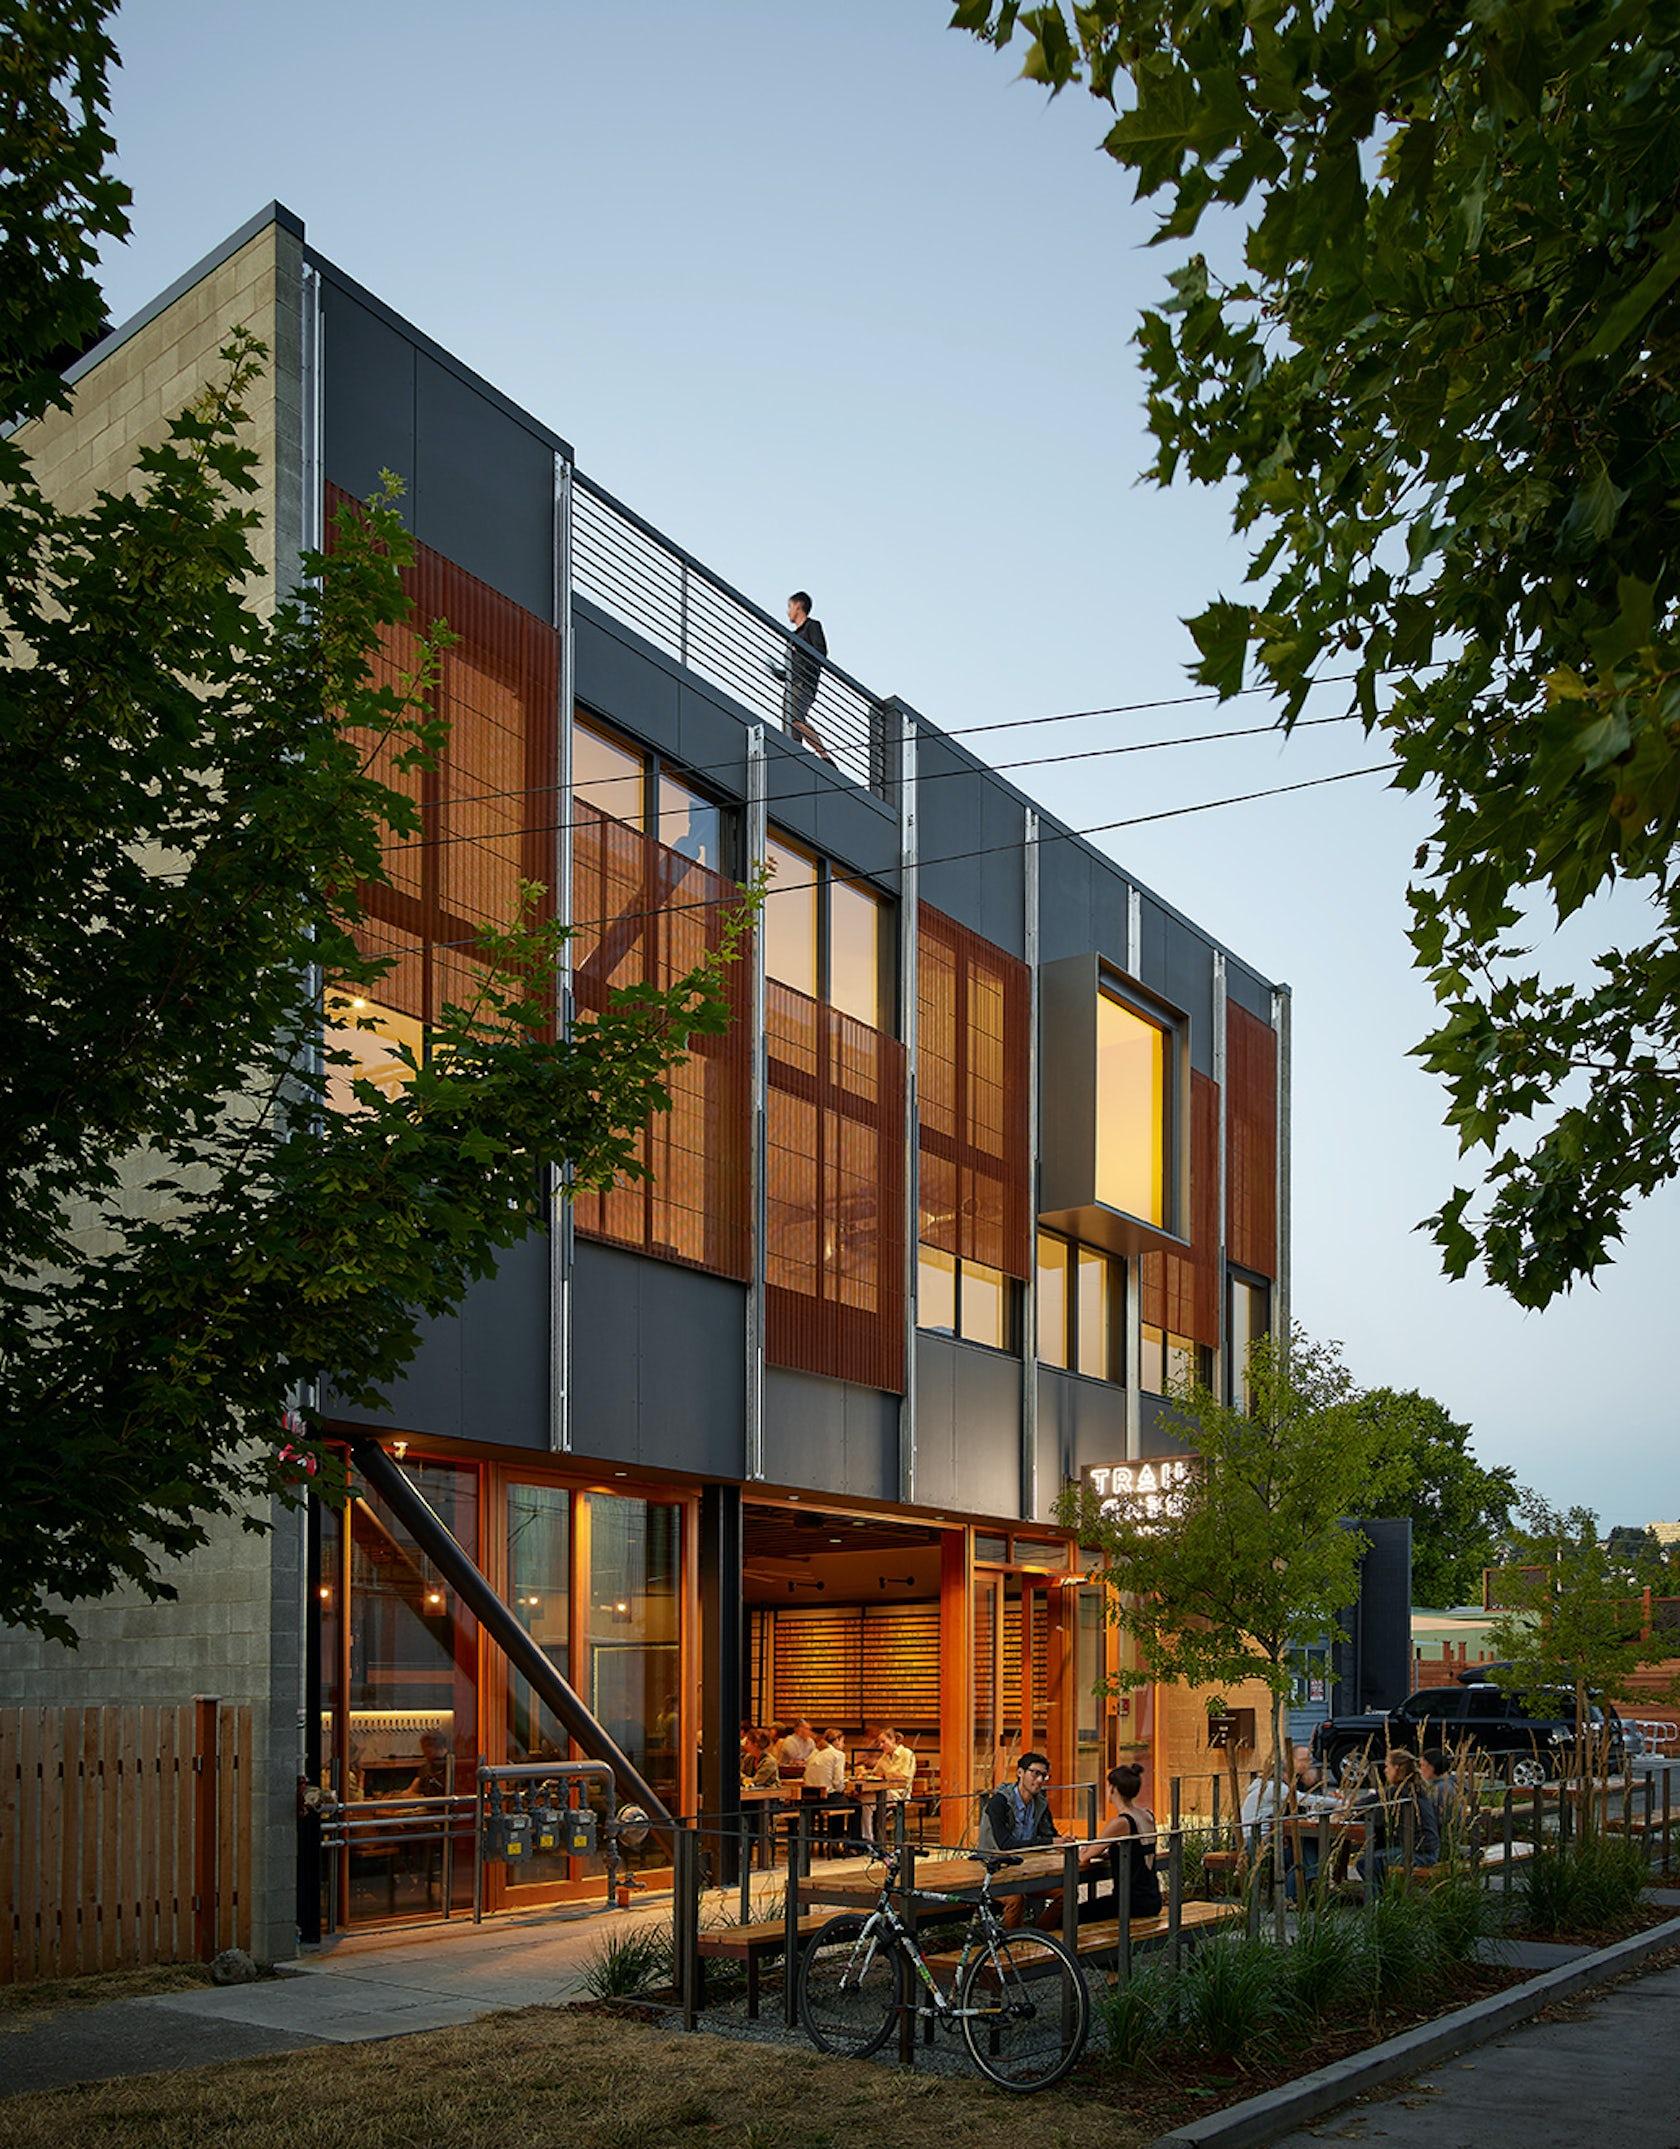 Klotski Building on Architizer